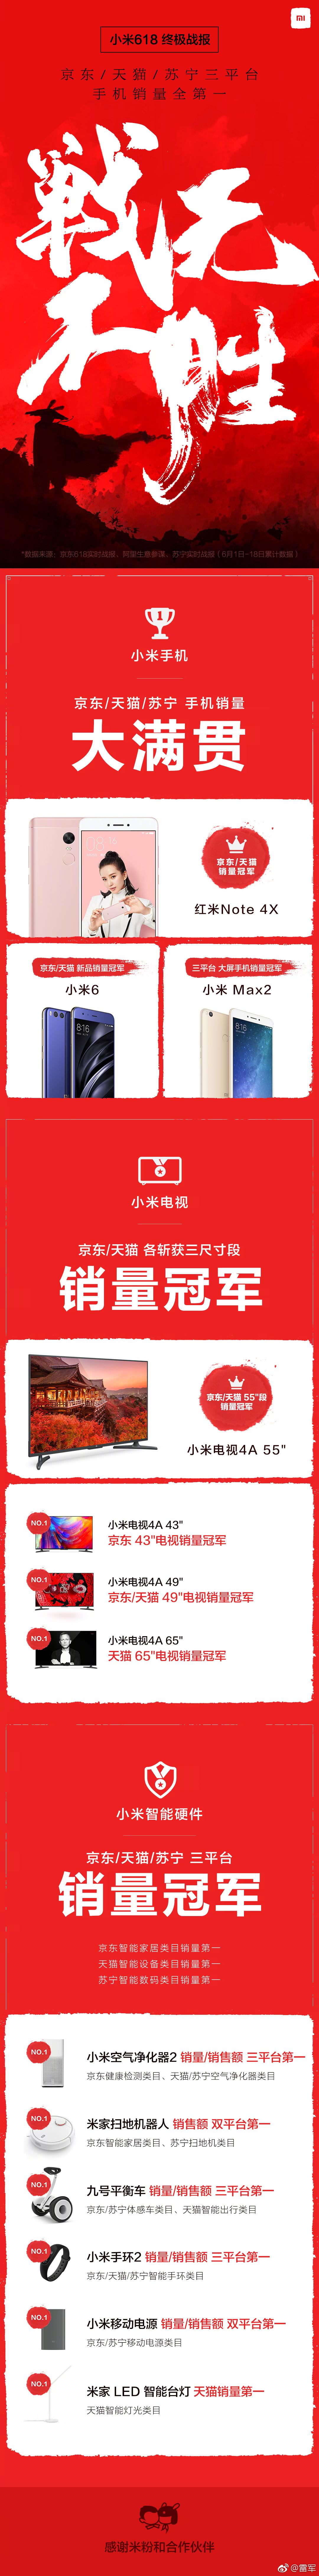 雷军公布小米618战绩:三大电商平台手机销量第一的照片 - 2